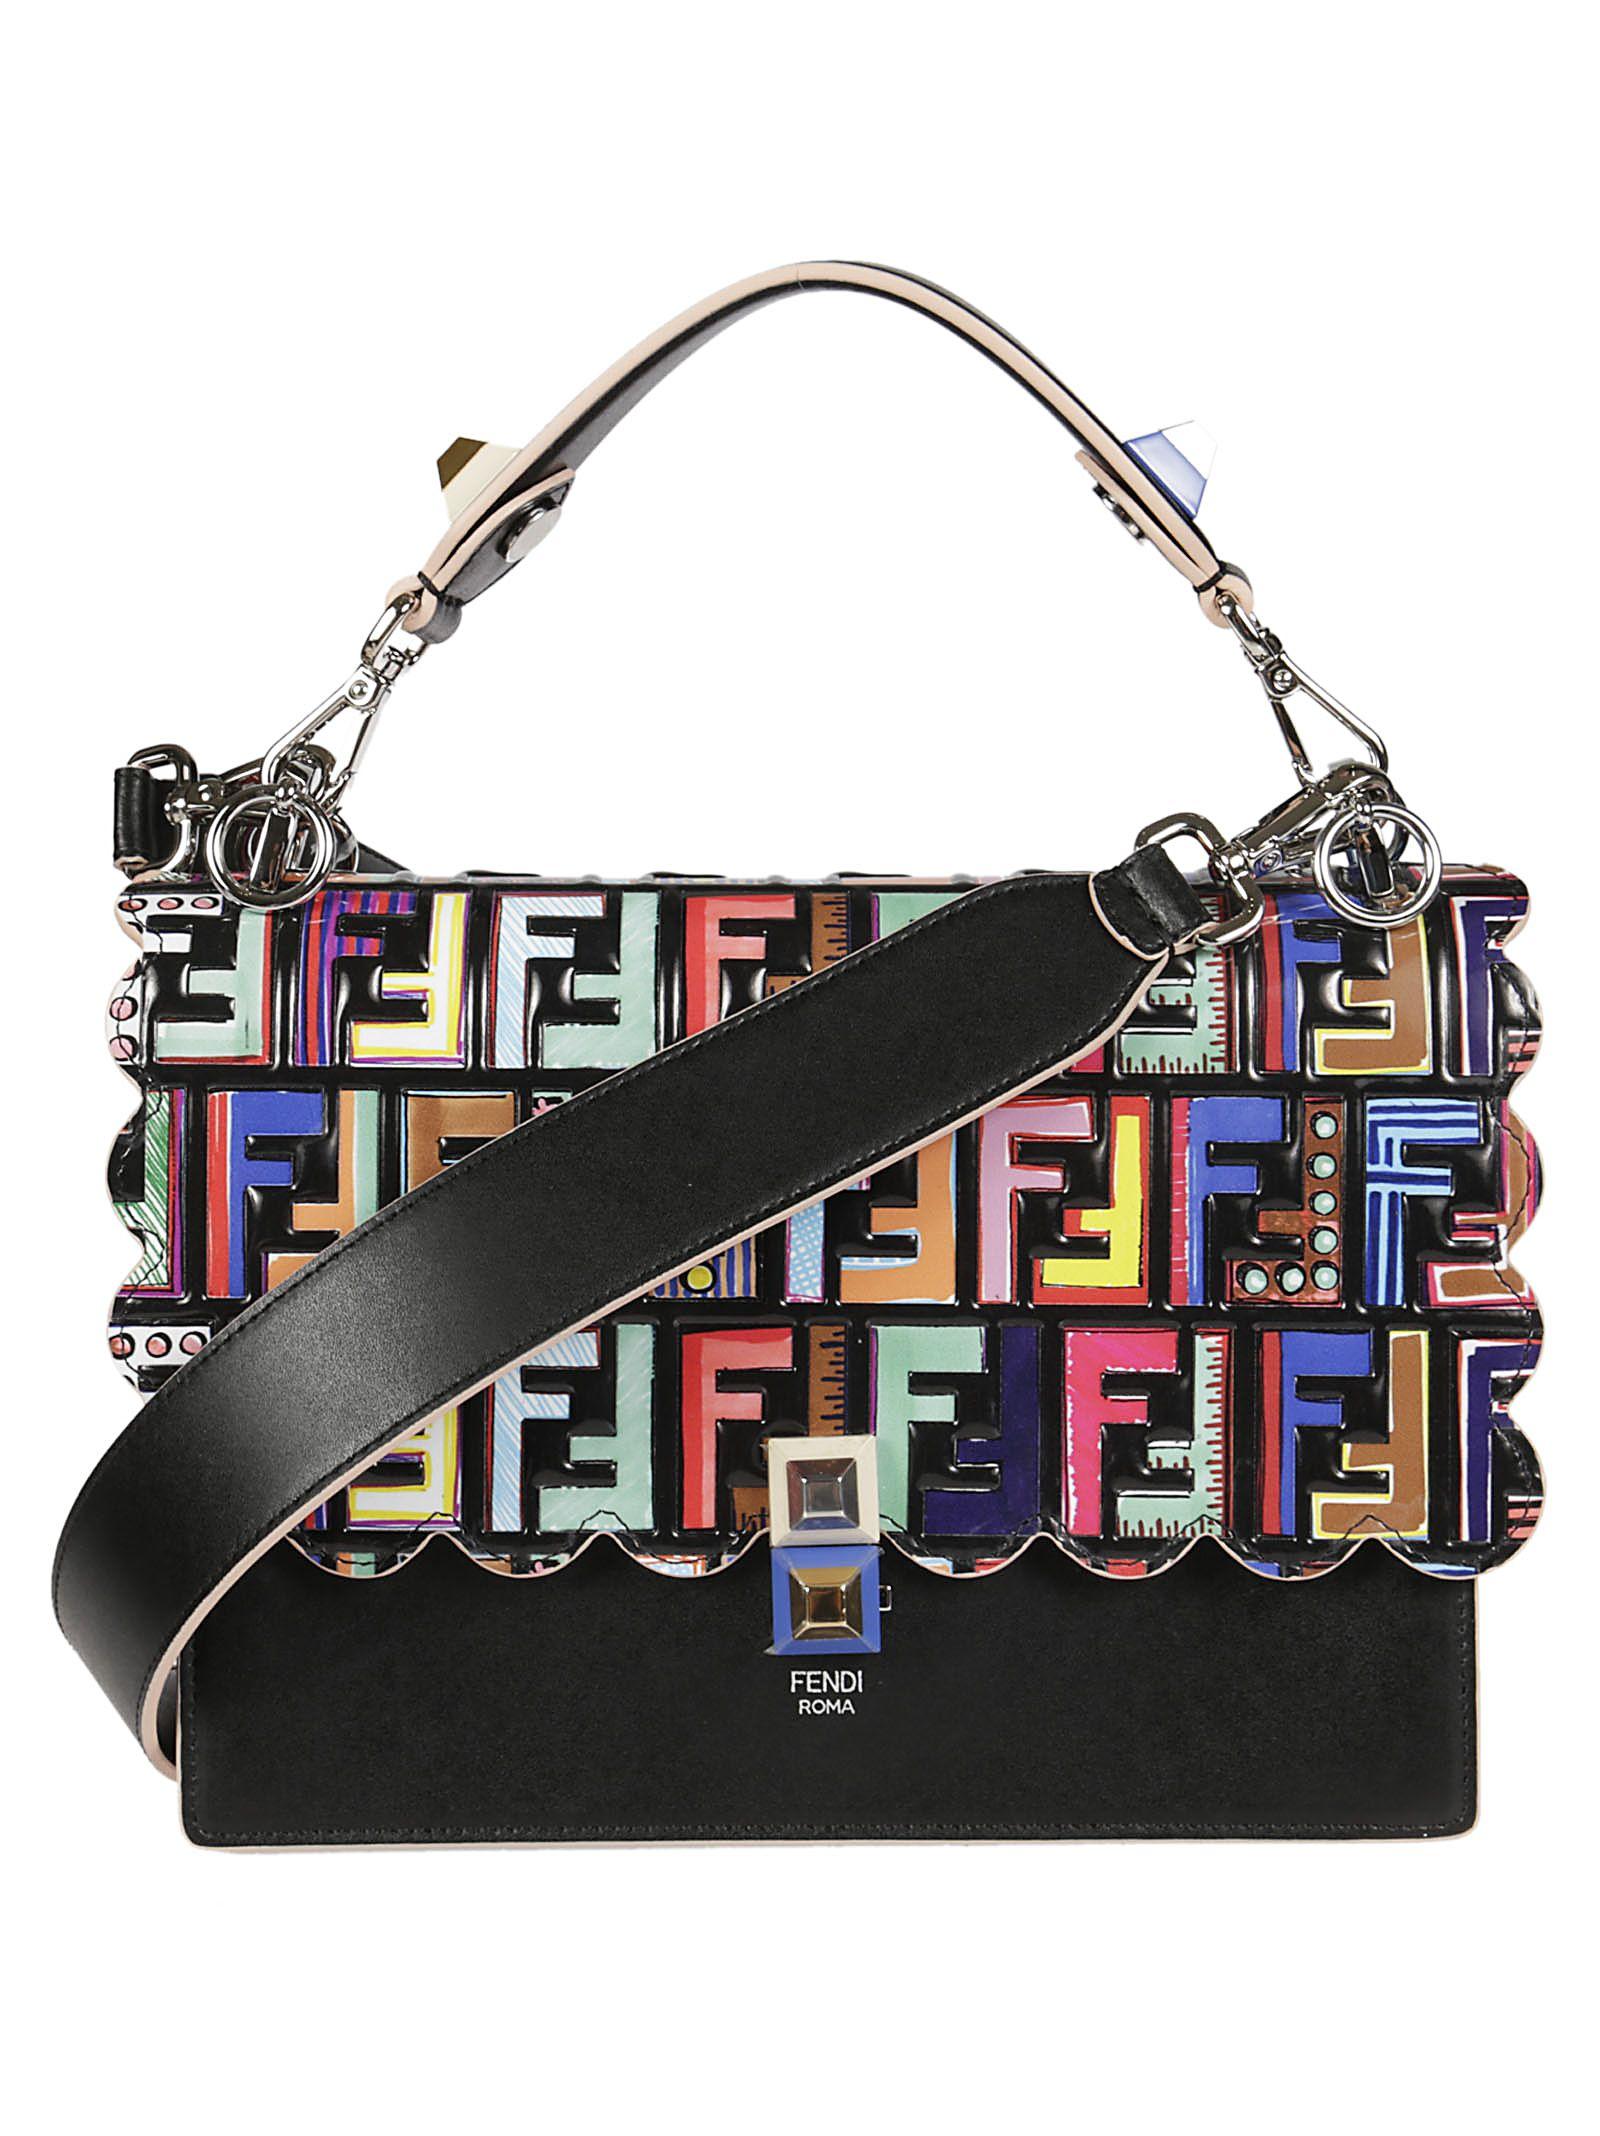 03a4a4c5e639 Fendi Multicolor Printed Kan I Bag In Nero+Palladionero